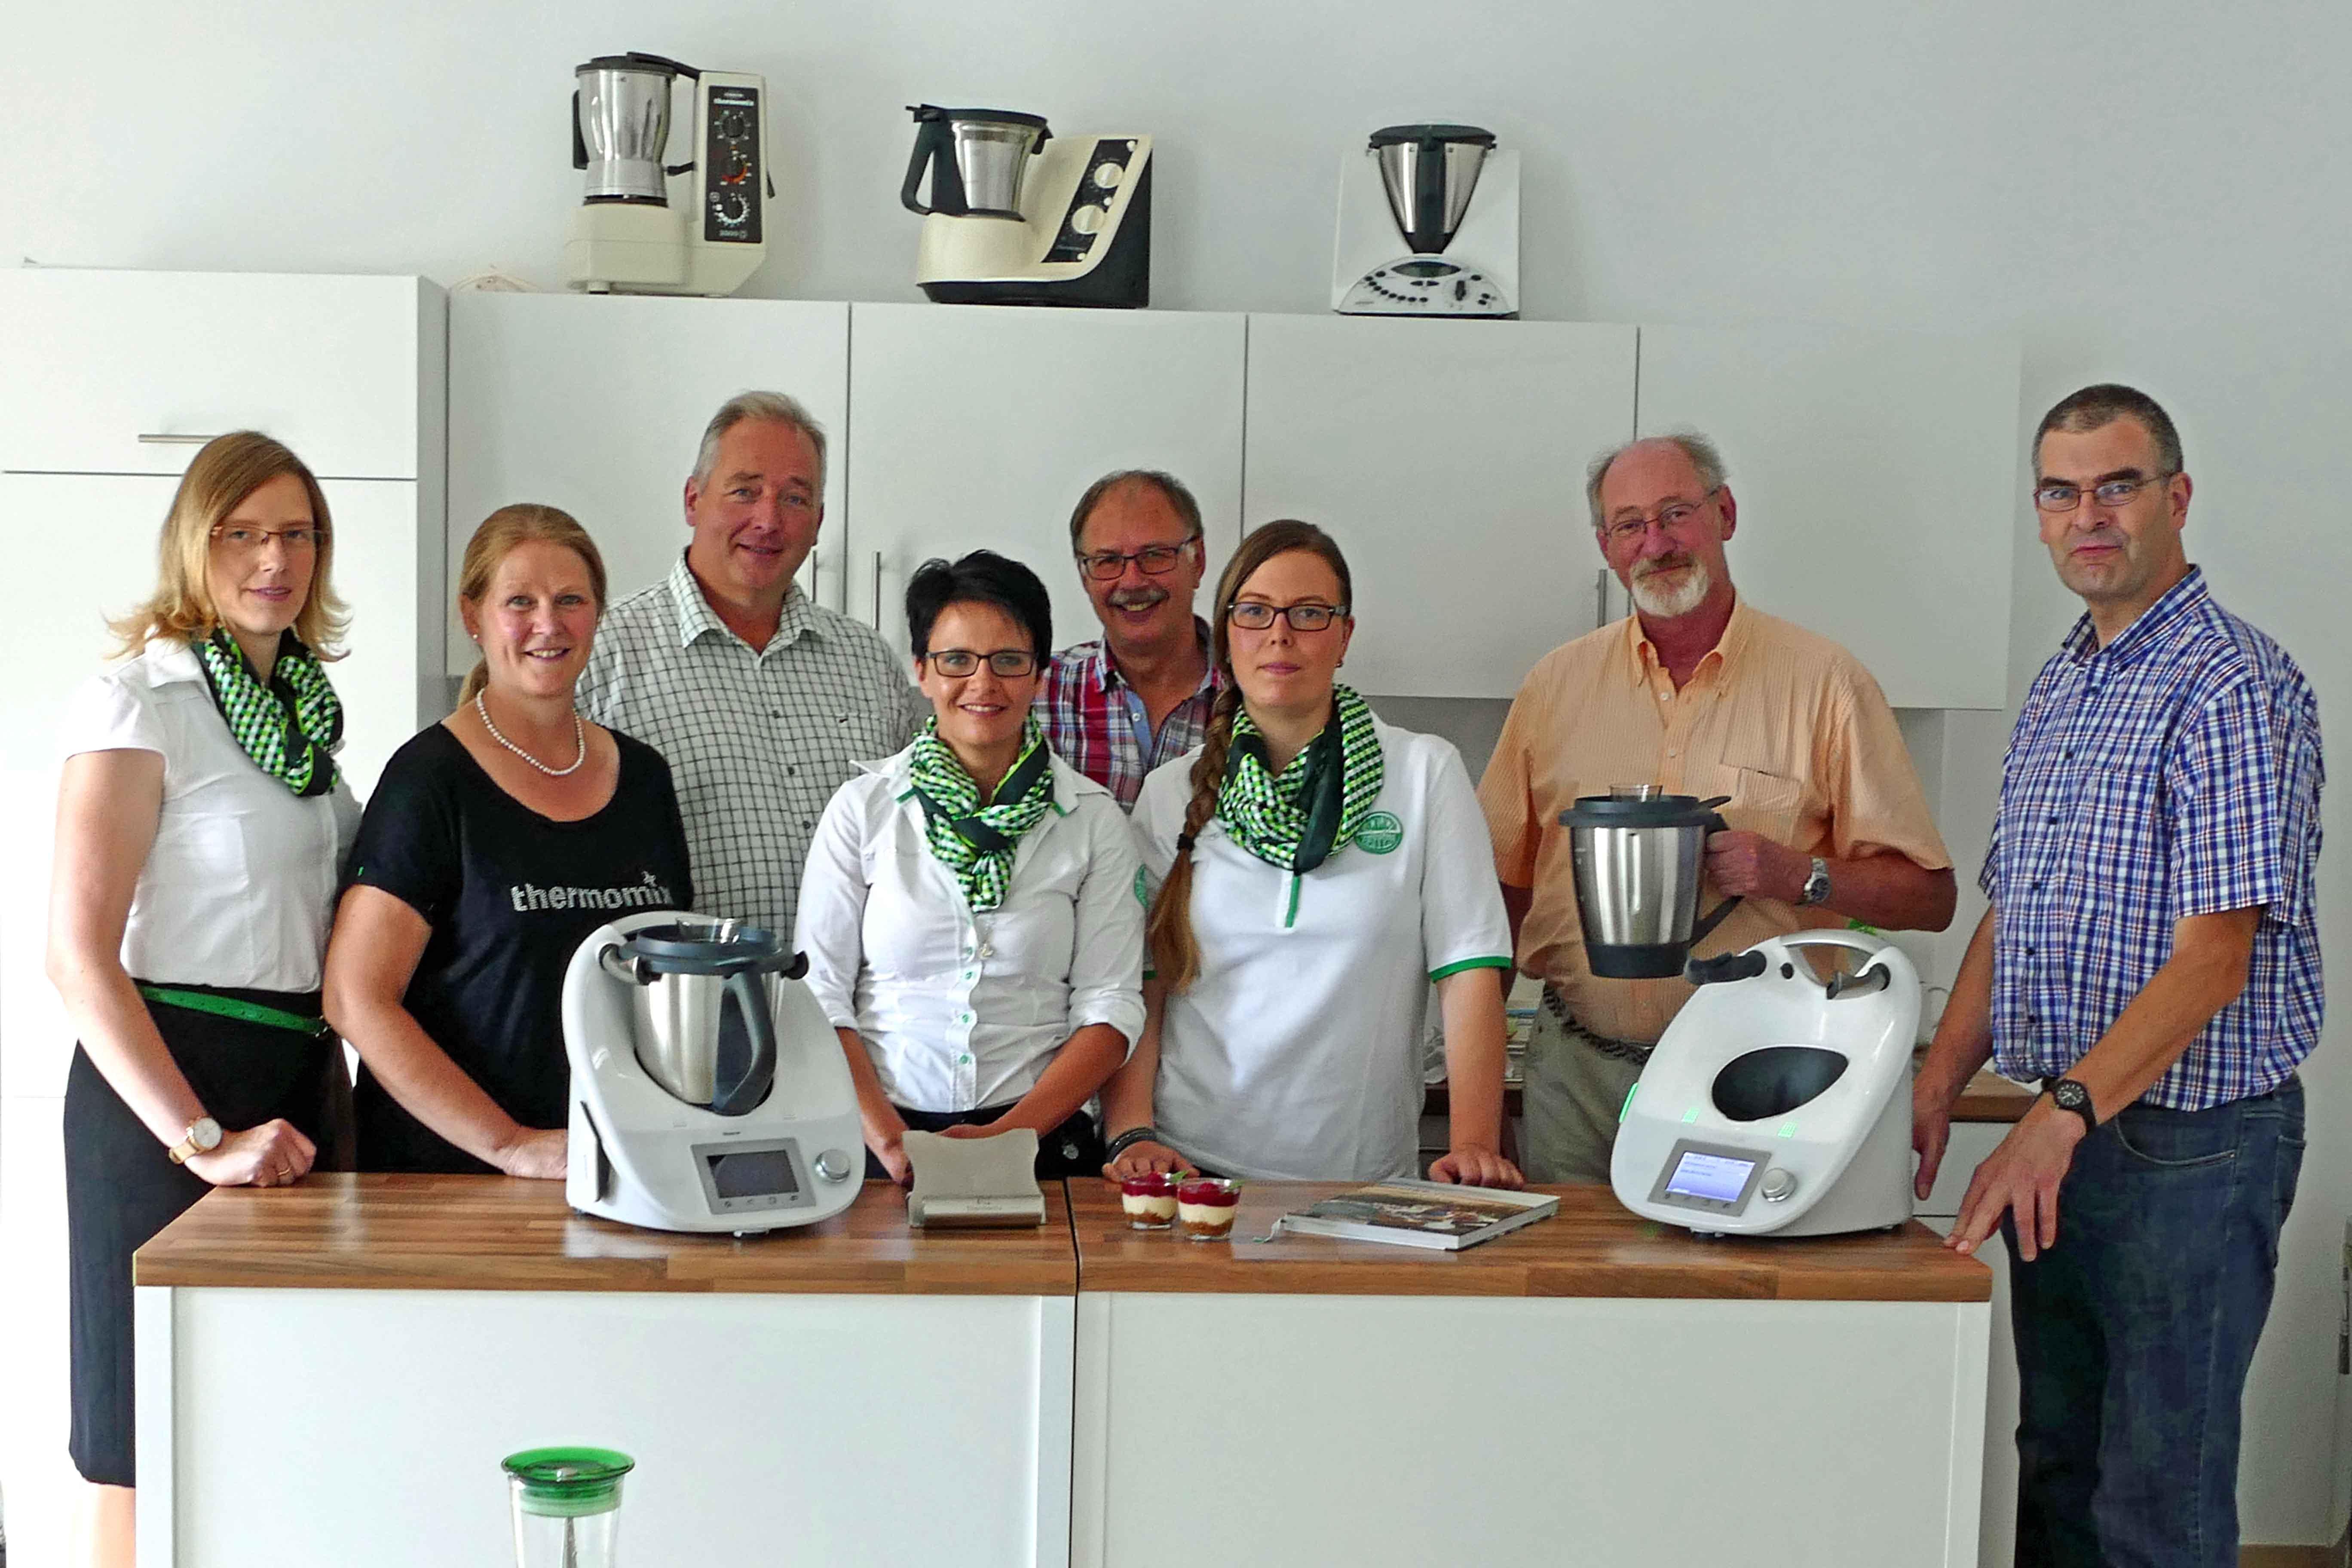 Freuten sich über leckere Kostproben aus der Thermomix-Küchenmaschine: Thermomix-Bezirksleiterin Nadine Ksienzyk mit ihrem Team, MdL Frank Oesterhelweg, Uwe Feder, Volker Brandt und Jörg Weber.